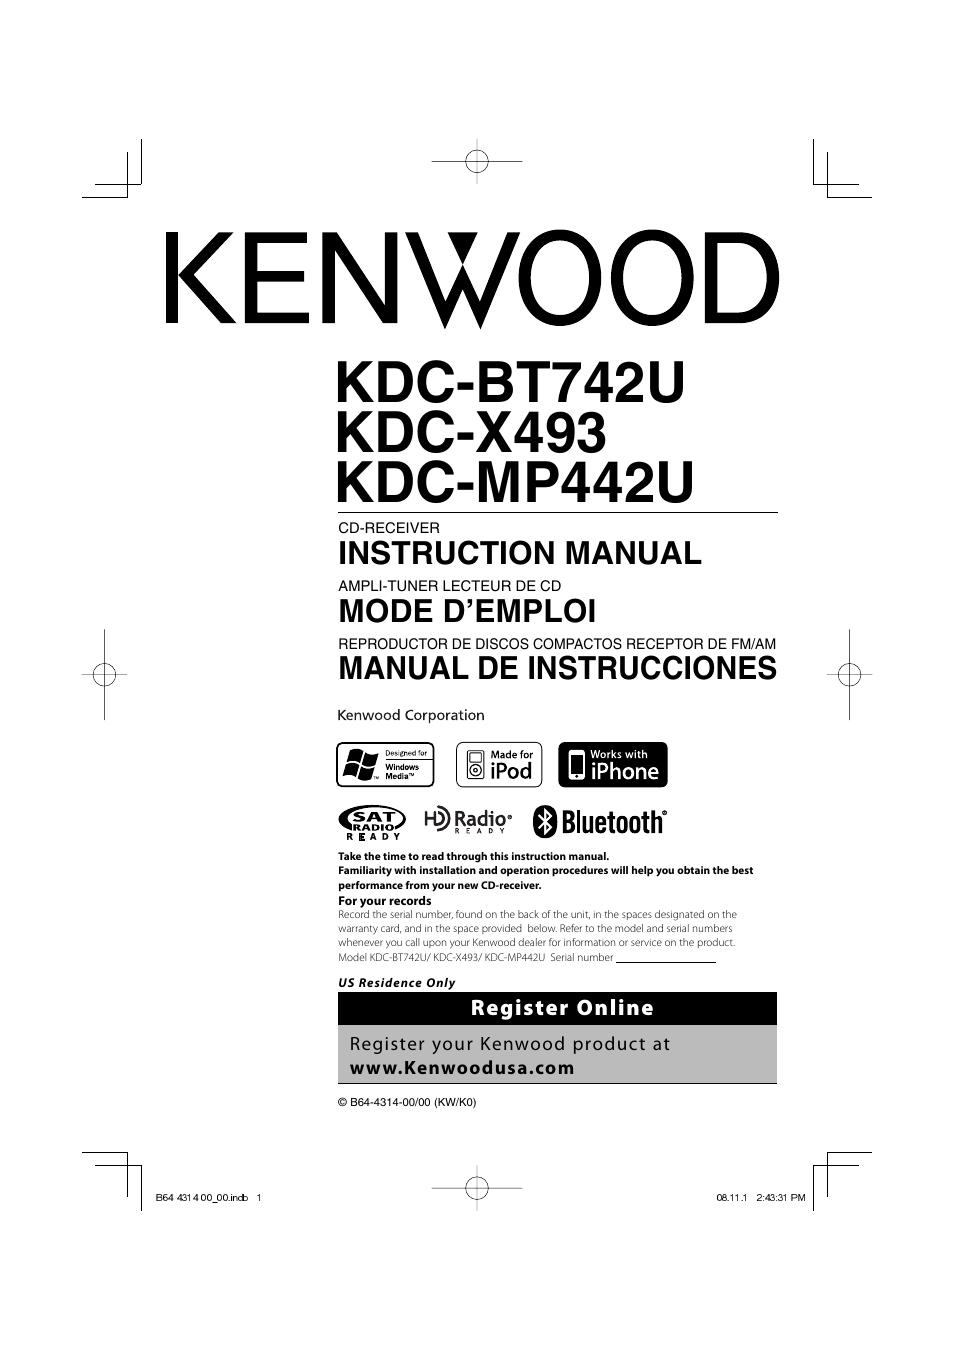 kenwood kdc bt742u page1?resize\\=665%2C940 kenwood kdc x492 wiring diagram kenwood wiring diagrams collection  at bayanpartner.co